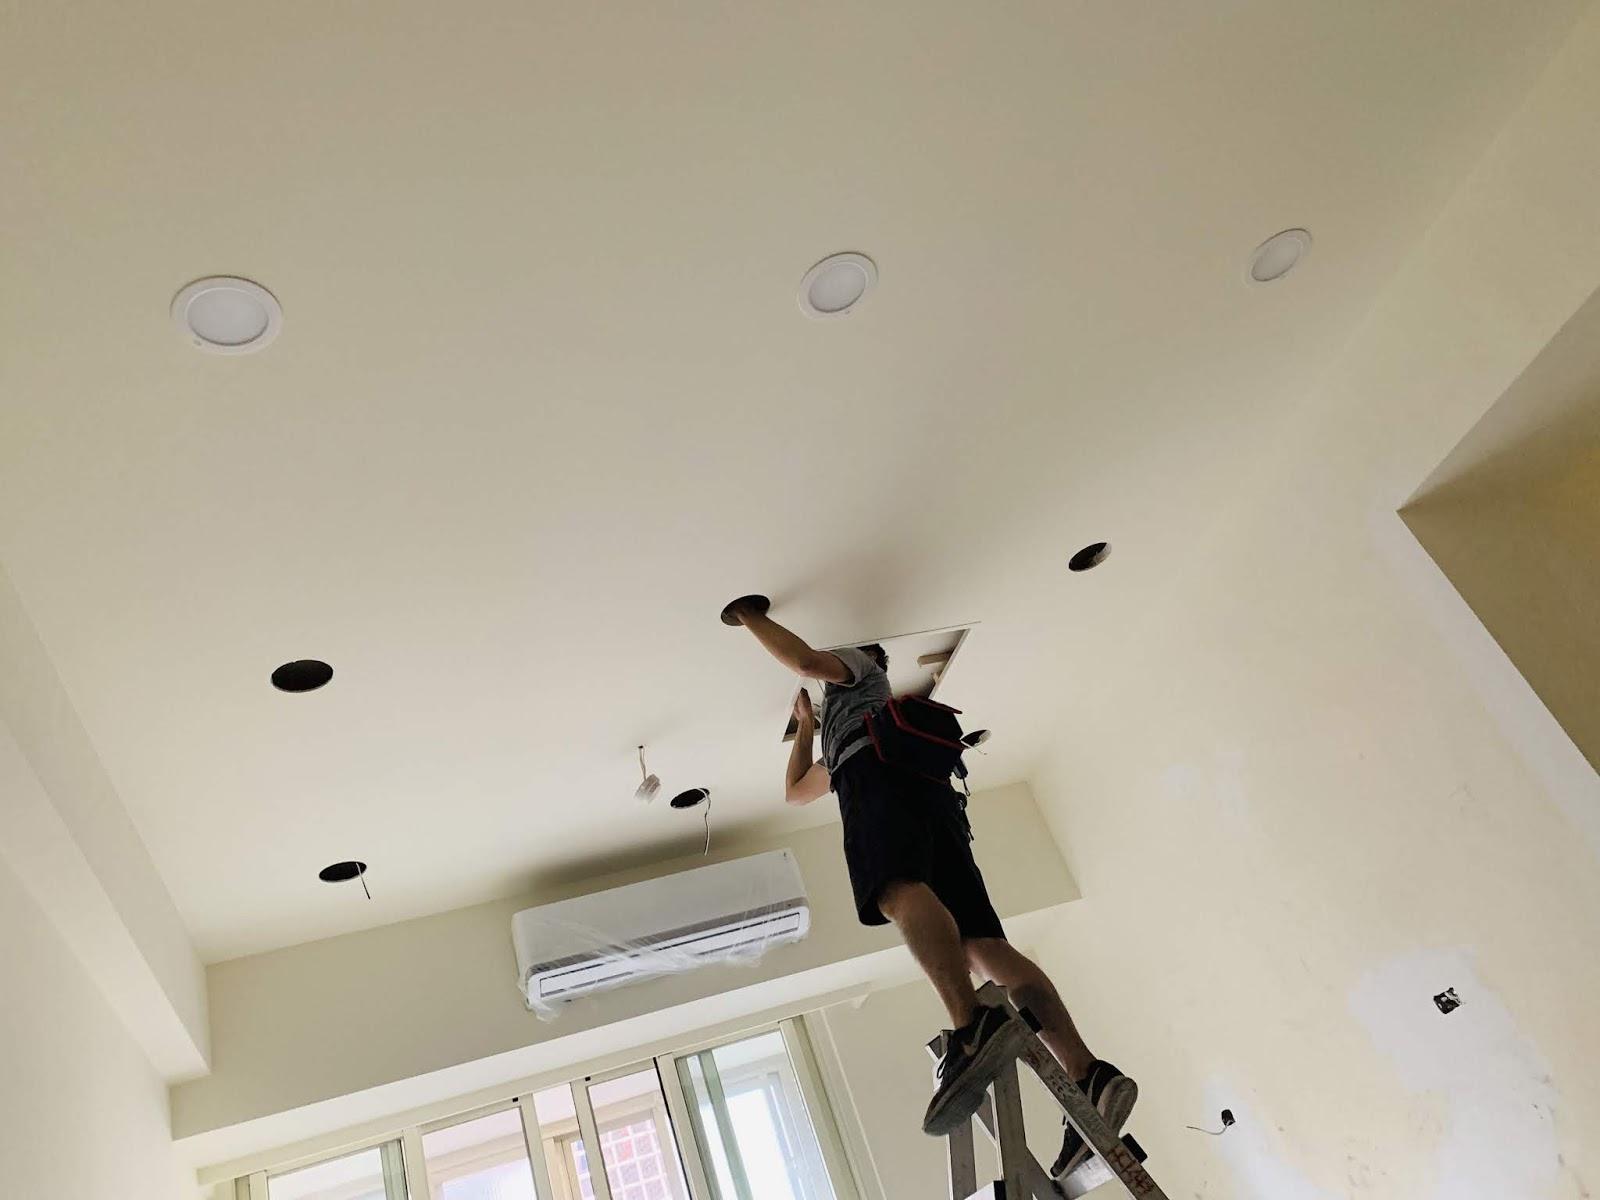 客廳裝設崁燈